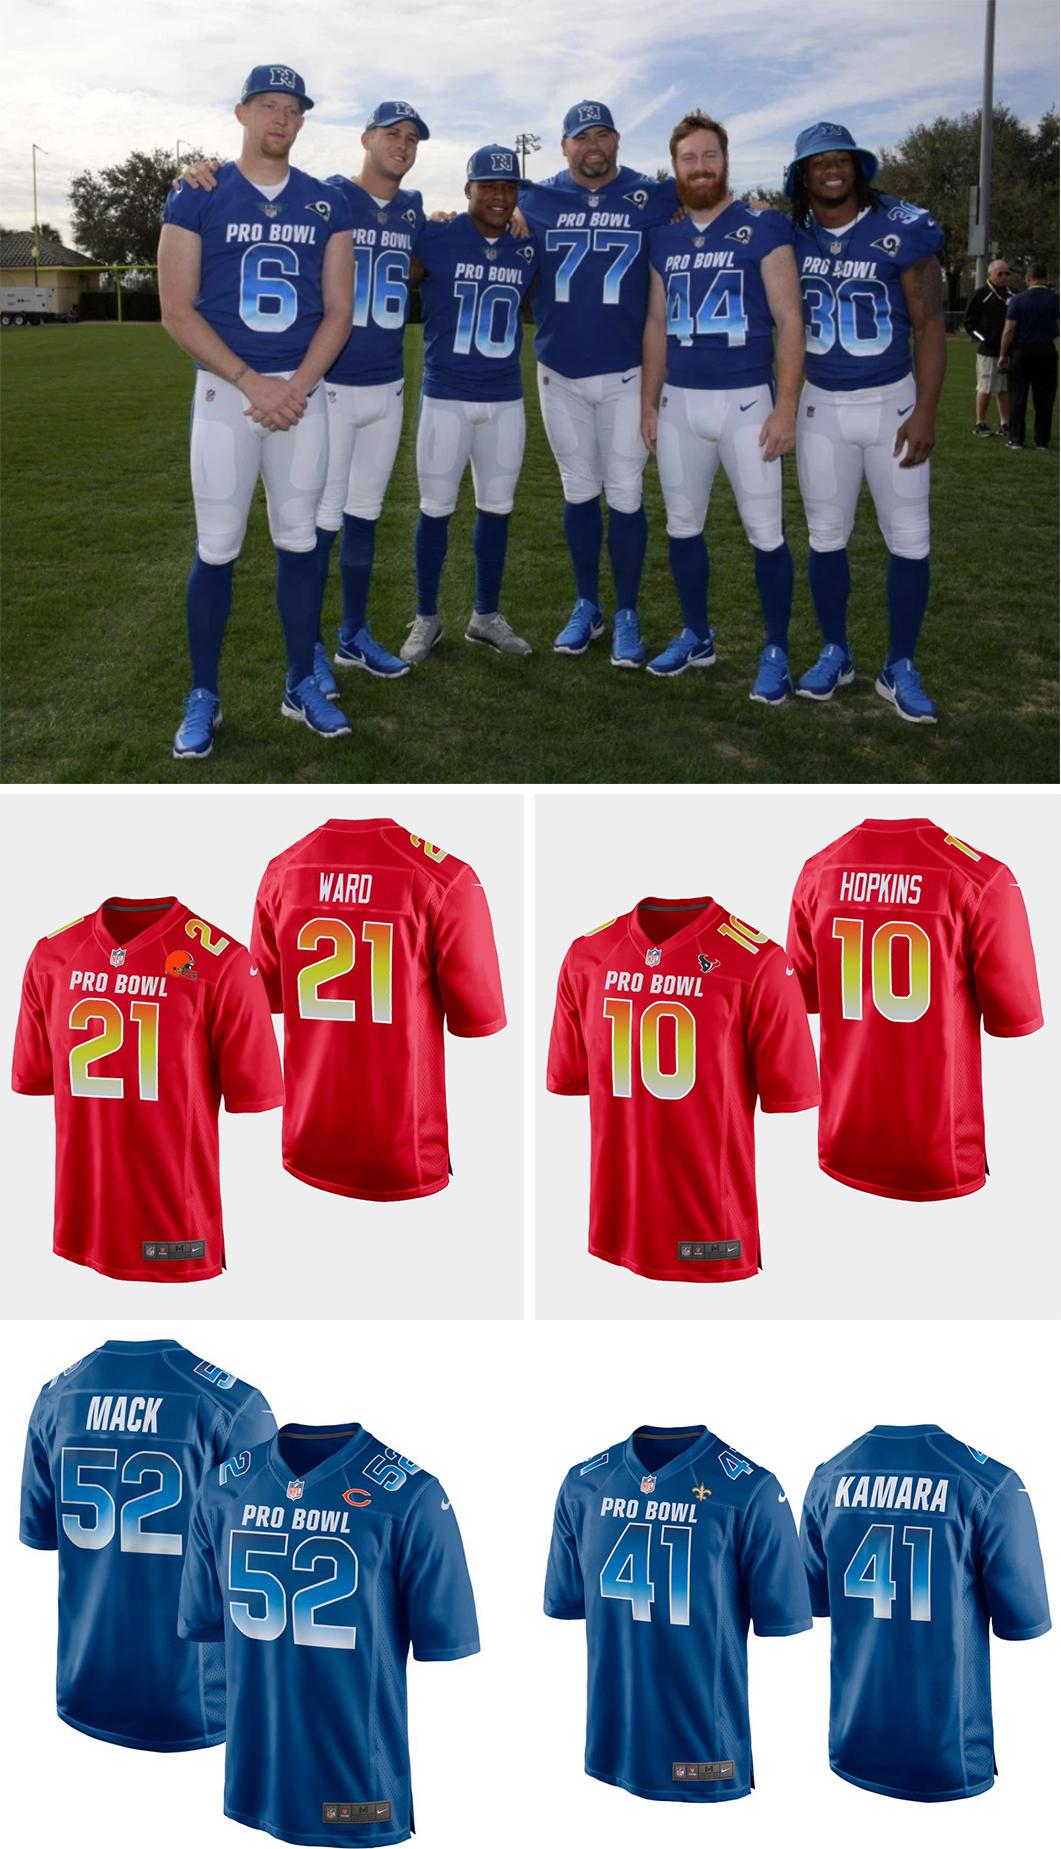 online store 89660 365c2 NFL Pro Bowl Jersey number font? - forum | dafont.com